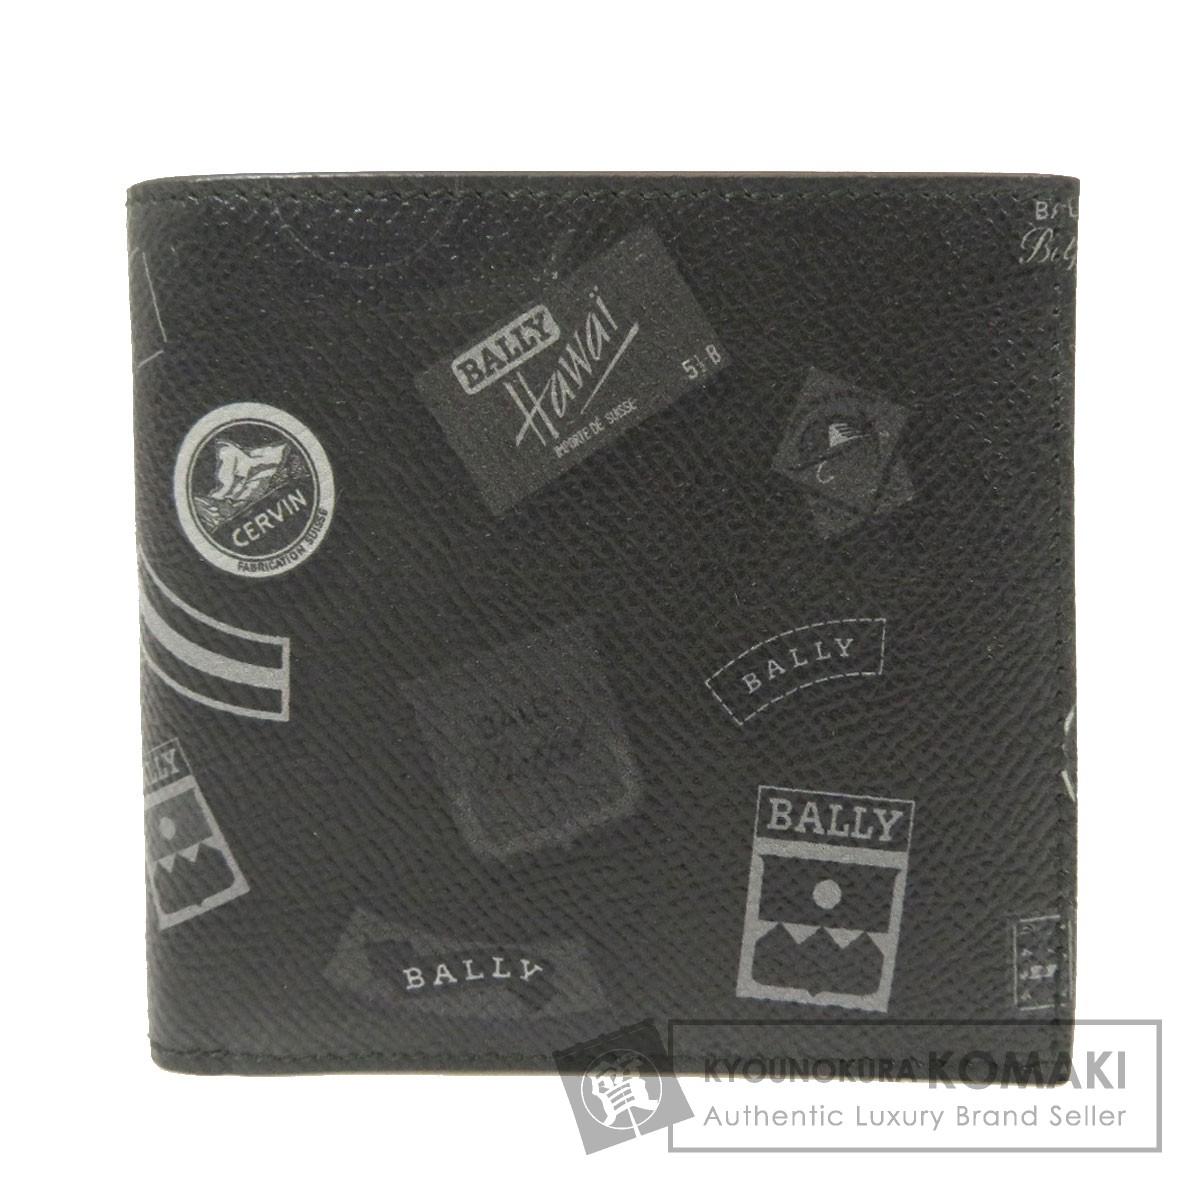 バリー プリント柄 二つ折り財布(小銭入れなし) レザー メンズ 【中古】【BALLY】